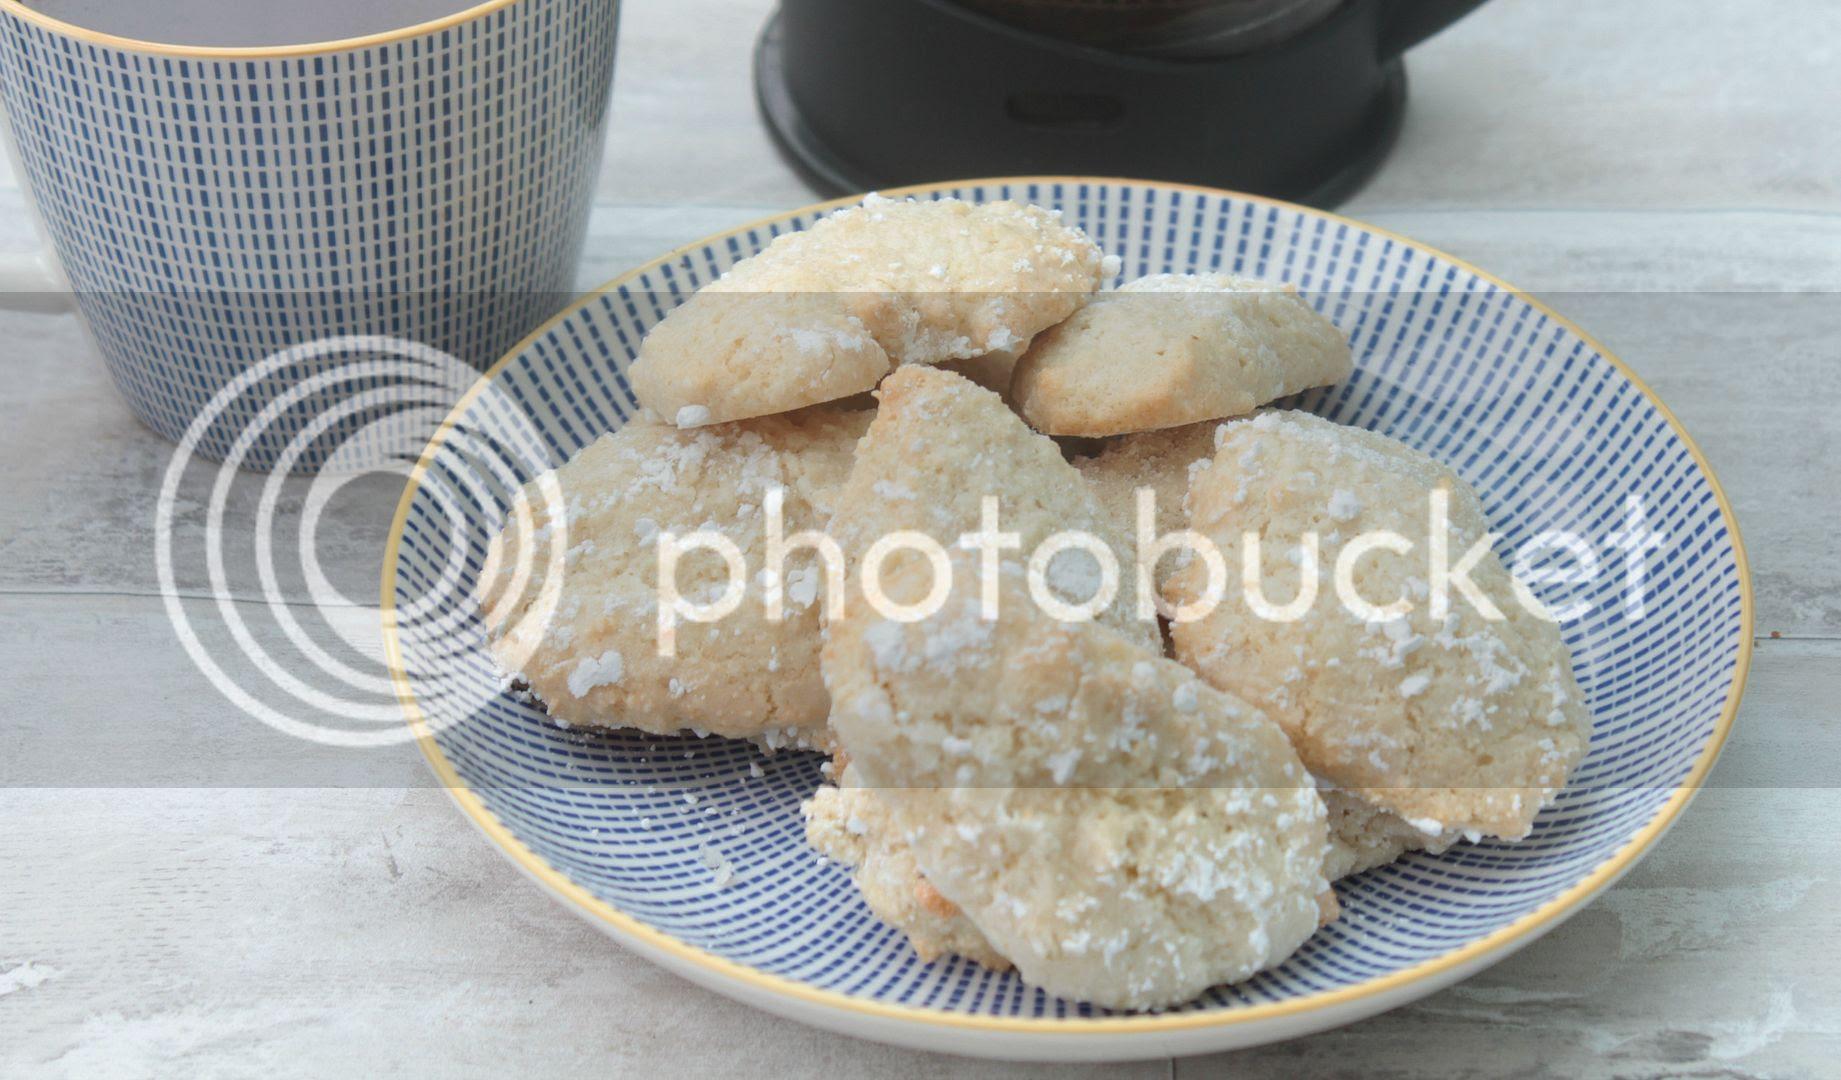 Ricciarelli Soft Sienese Biscuits